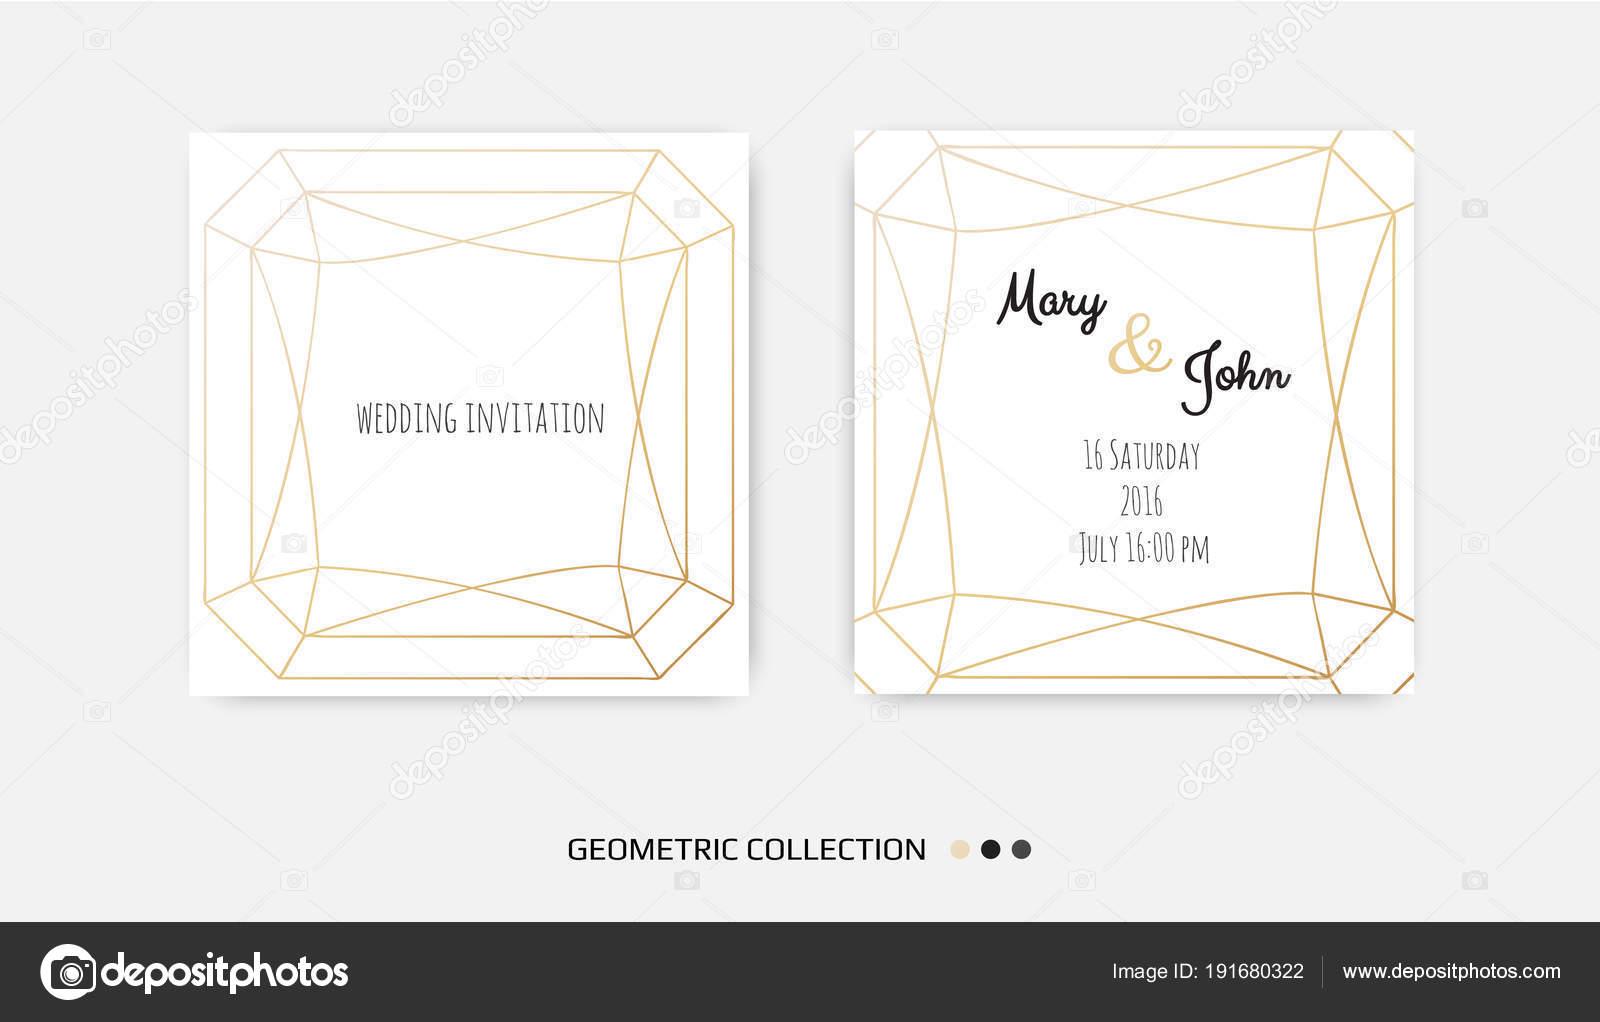 Border Lines For Invitation Cards Invite Card Design Art